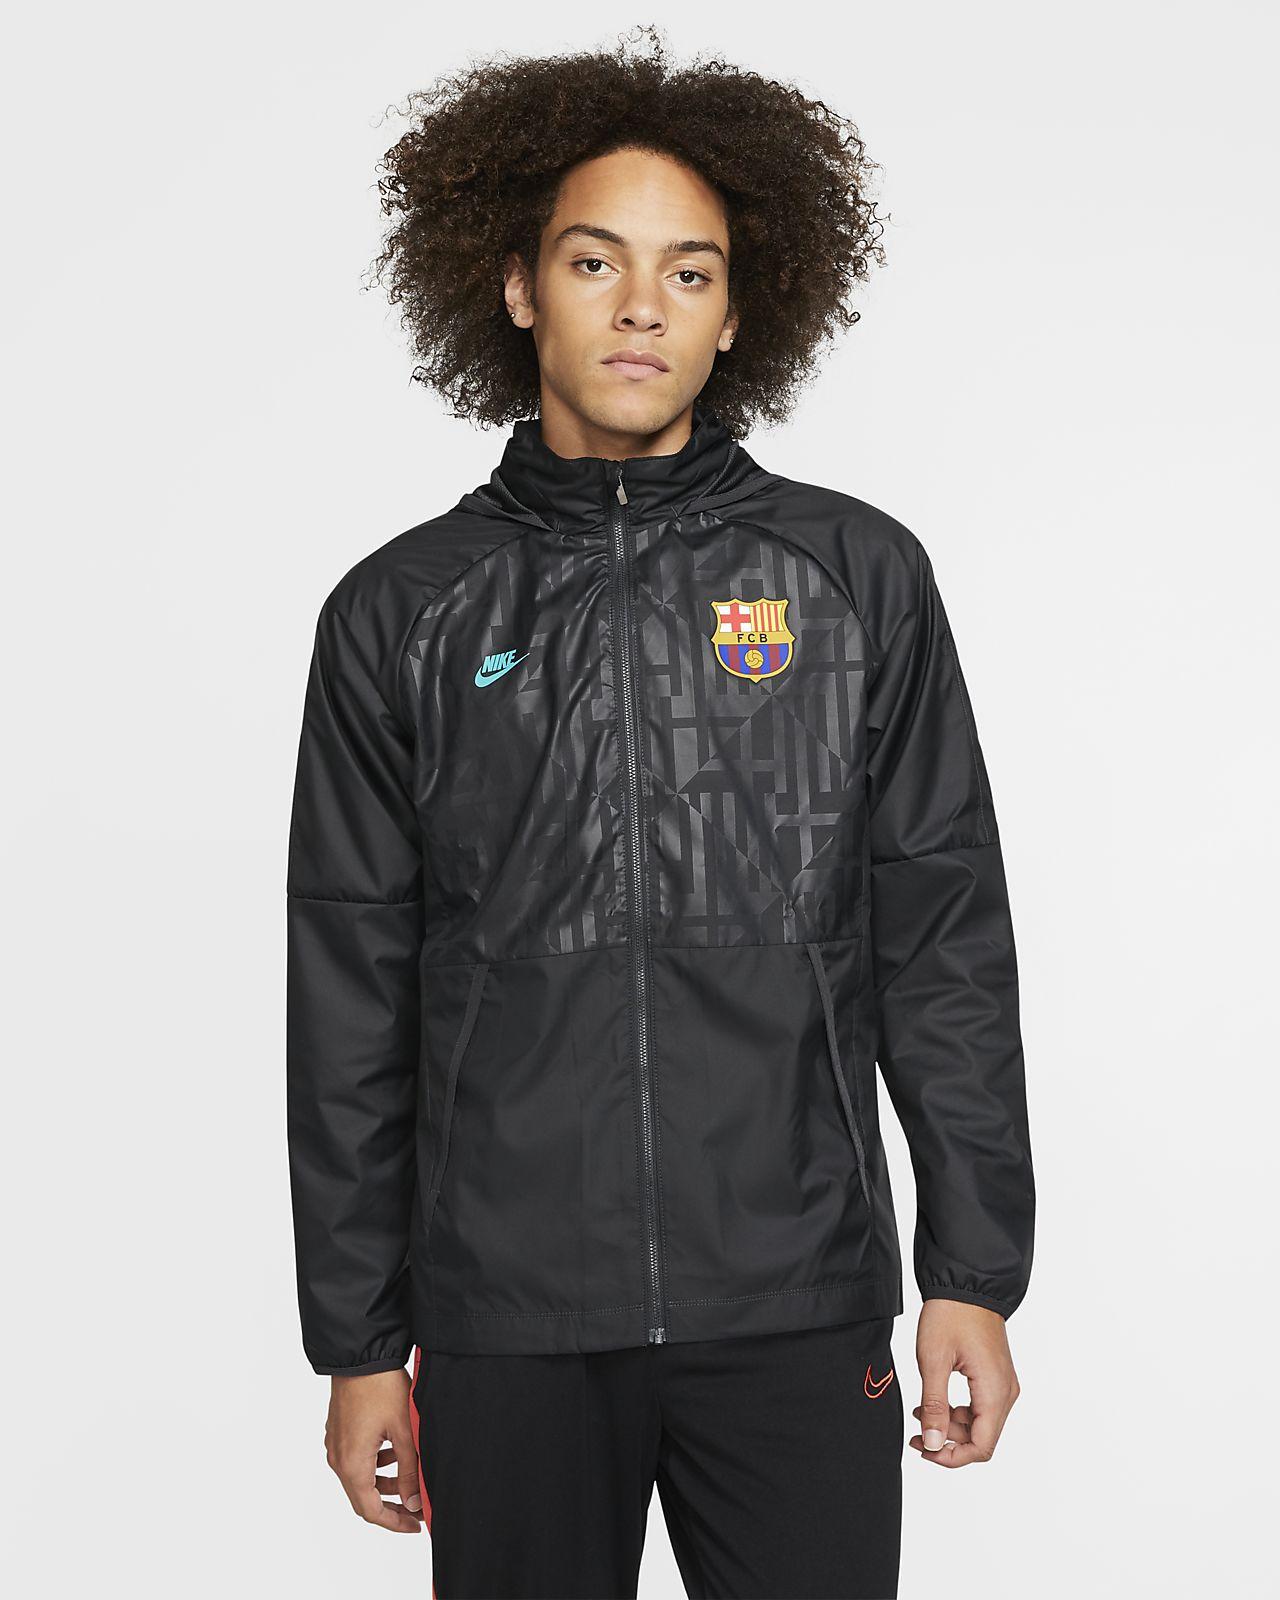 Fotbollsjacka FC Barcelona för män